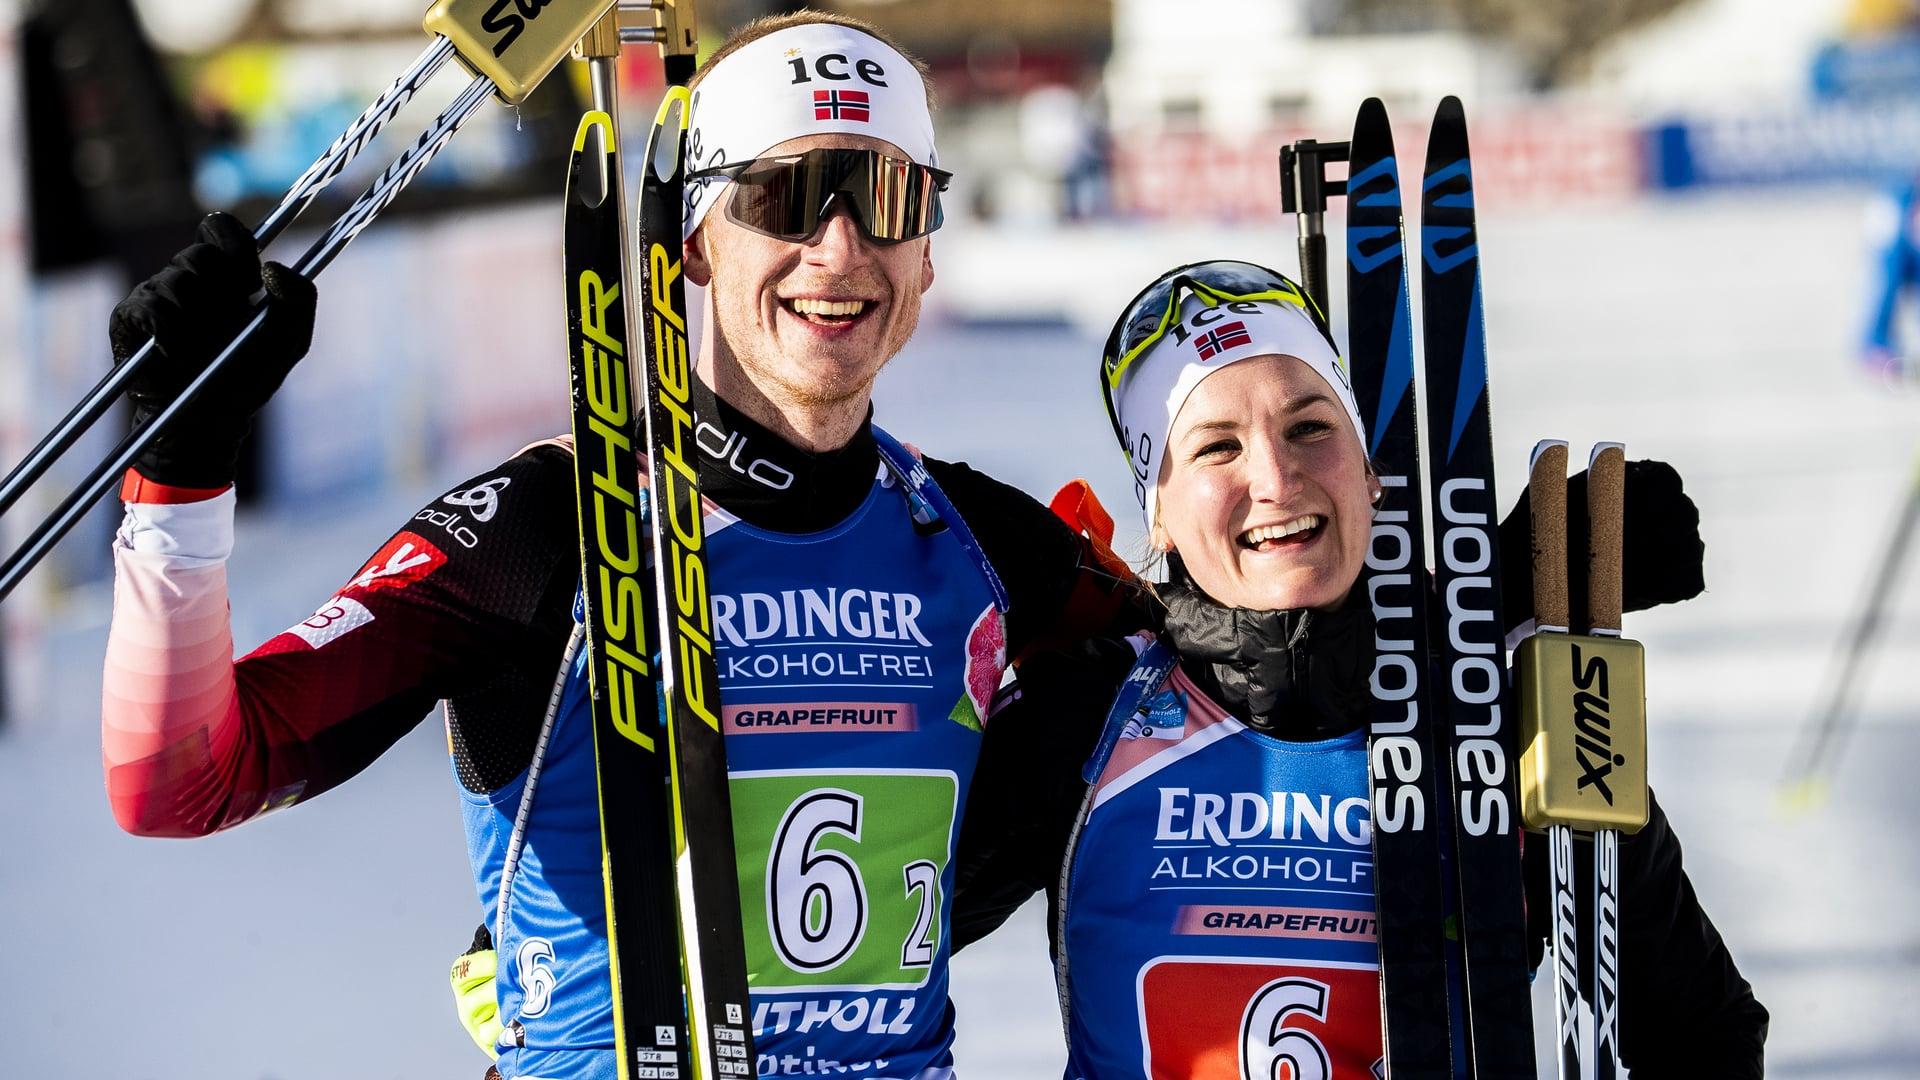 20.02.2020 - La staffetta mista singola rimane alla Norvegia